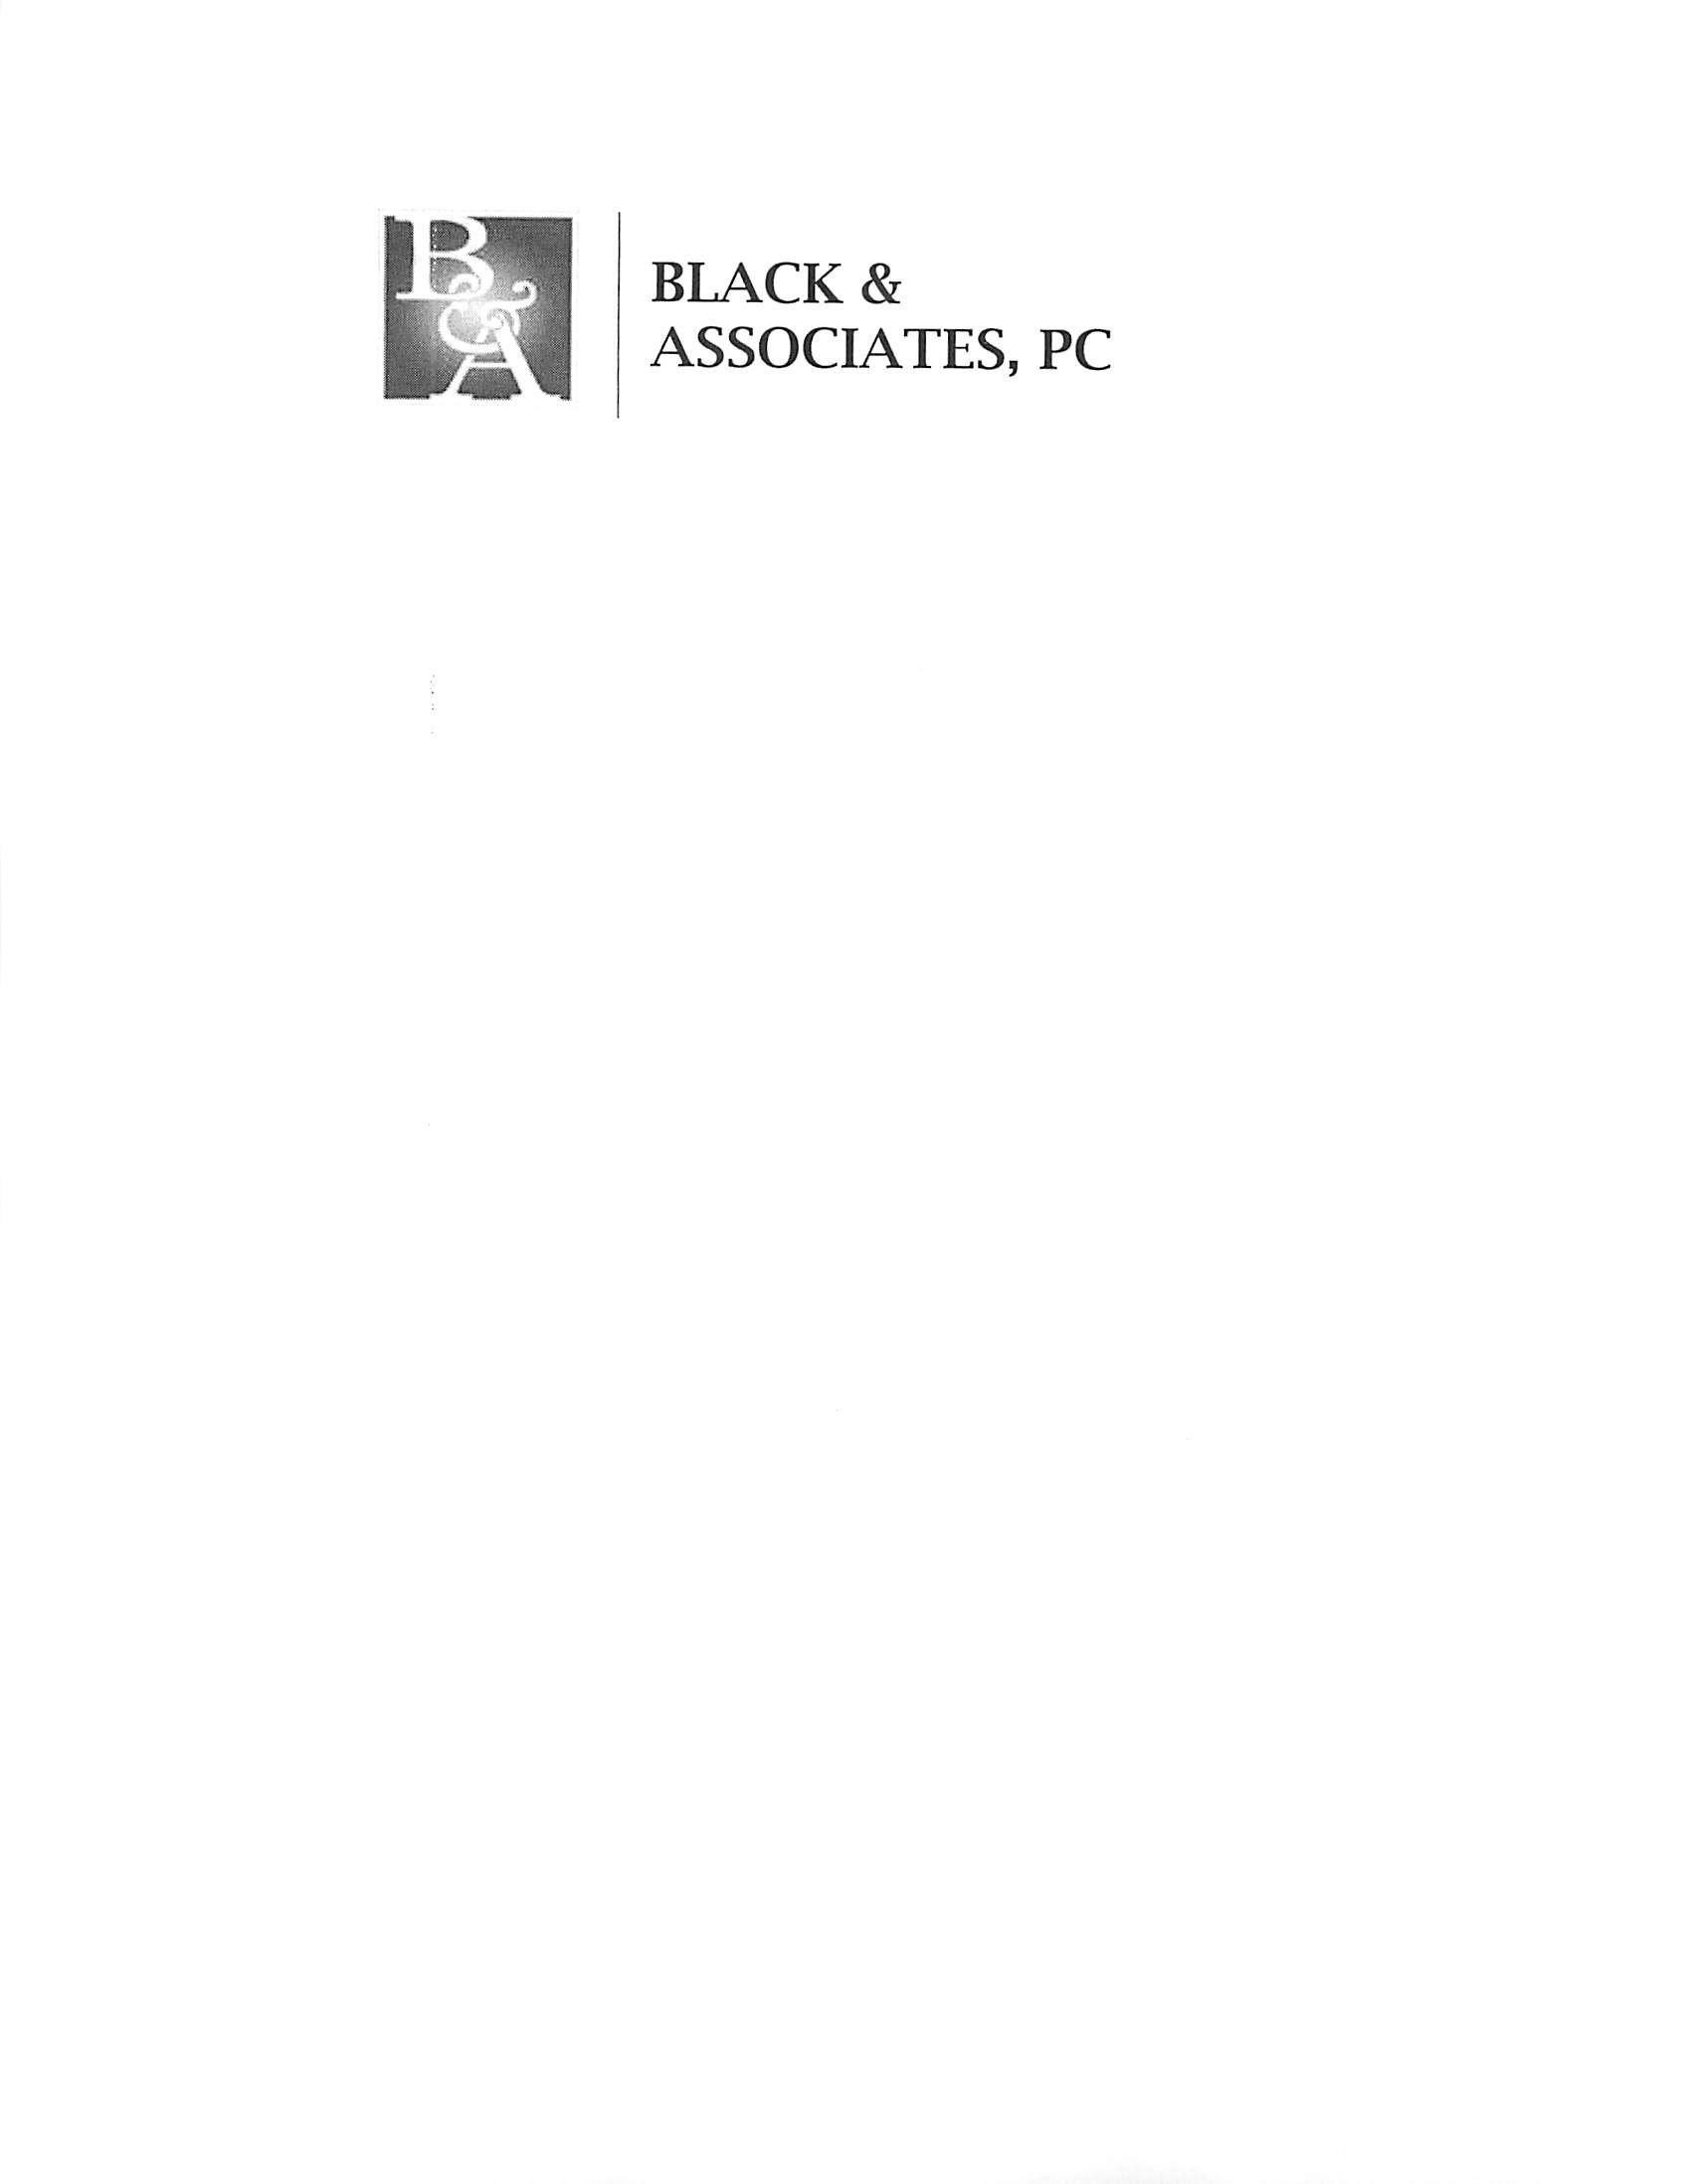 Black and Associates, P.C.